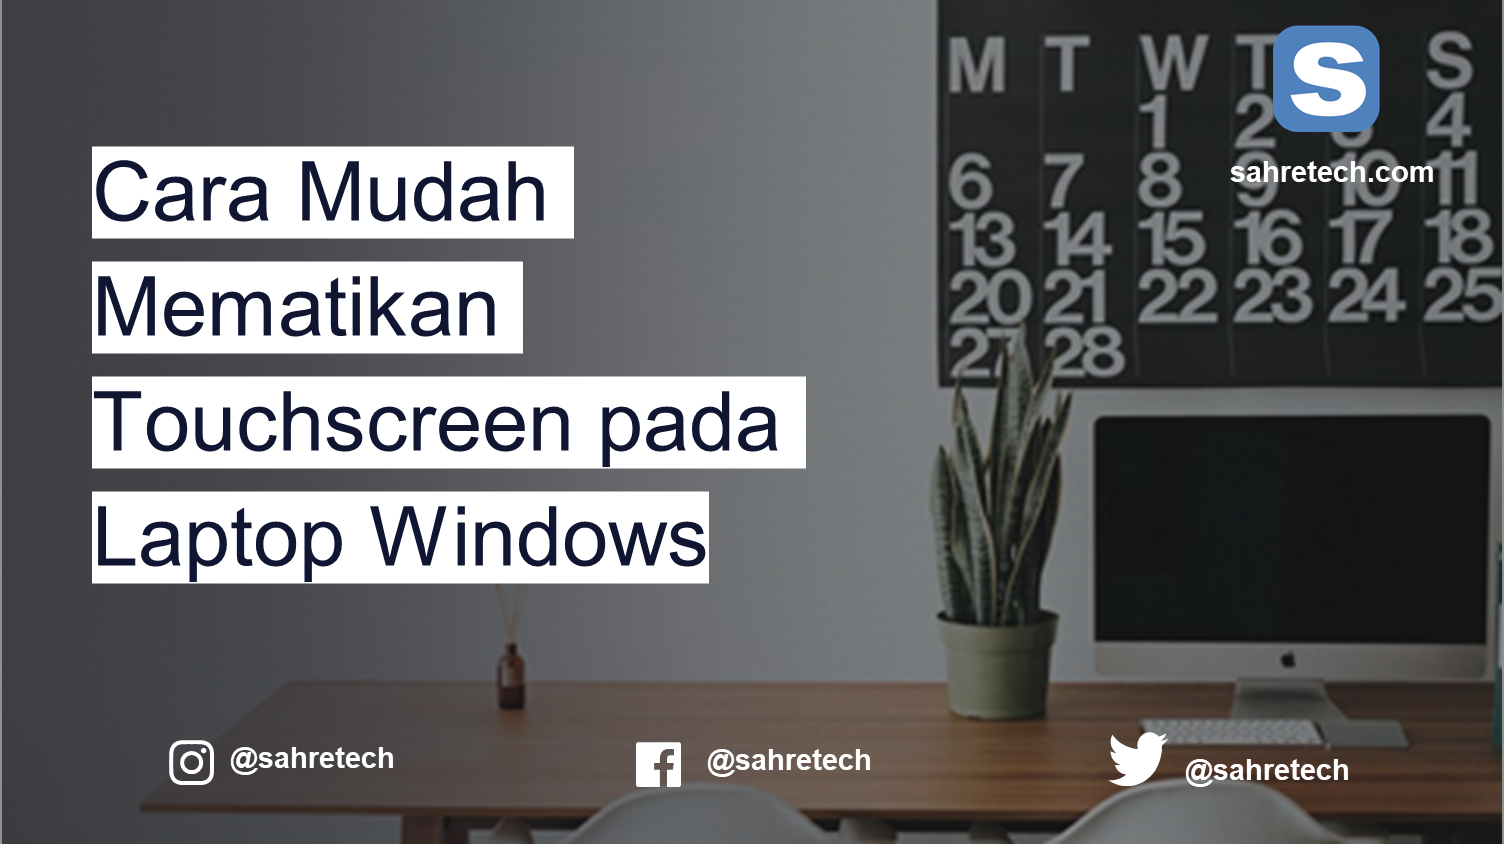 Cara Mudah Mematikan Touchscreen pada Laptop Windows